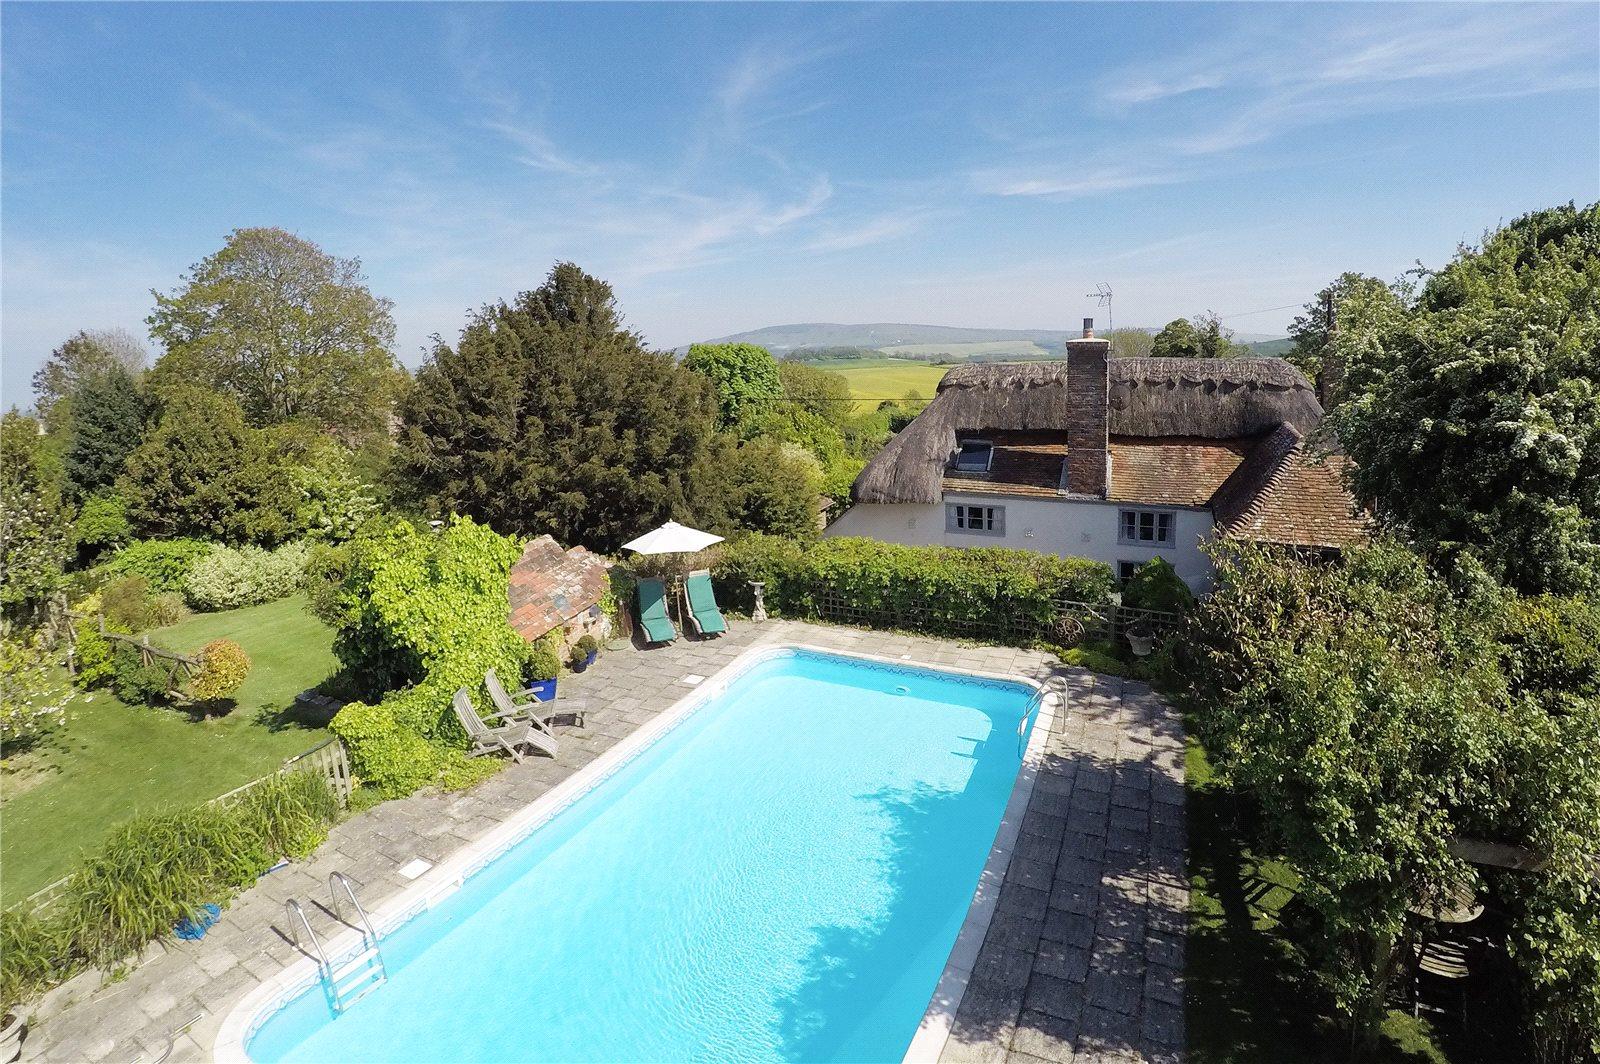 Maison unifamiliale pour l Vente à The Village, Alciston, Polegate, East Sussex, BN26 Polegate, Angleterre